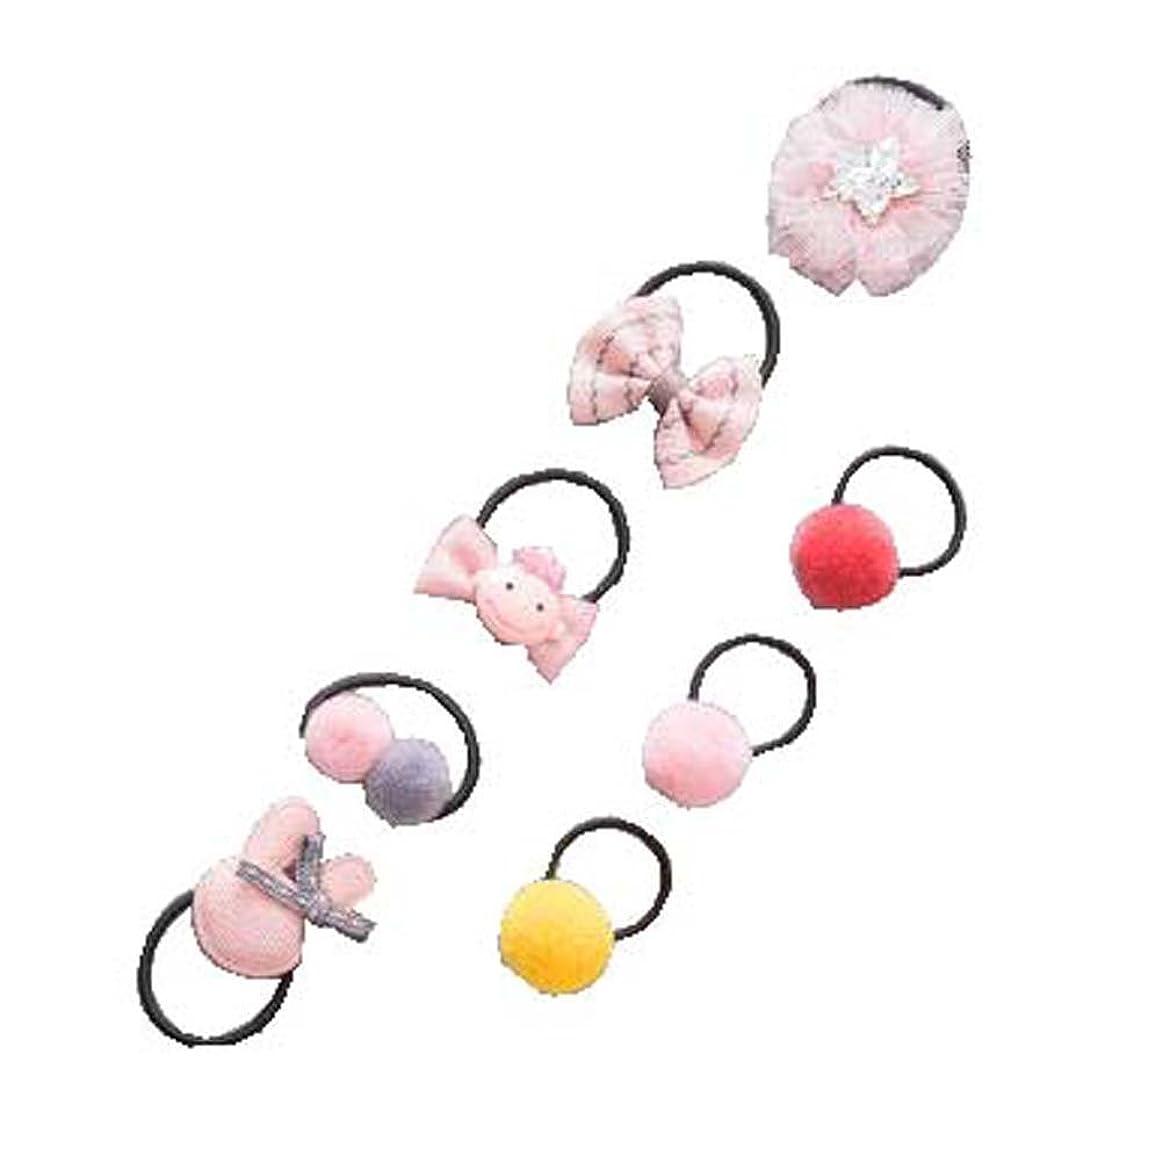 塩辛い防水規制8個の適用ヘアバンドラバーバンドベビーヘアロープヘッドウェアヘアリング